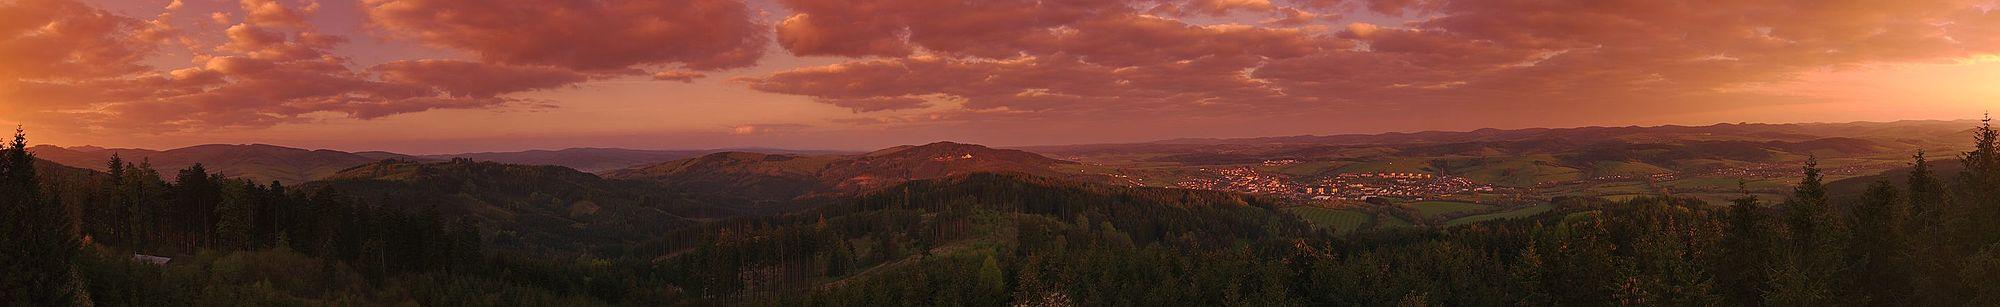 601f33eb5de Panoramatický výhled z rozhledny Královec při východu slunce